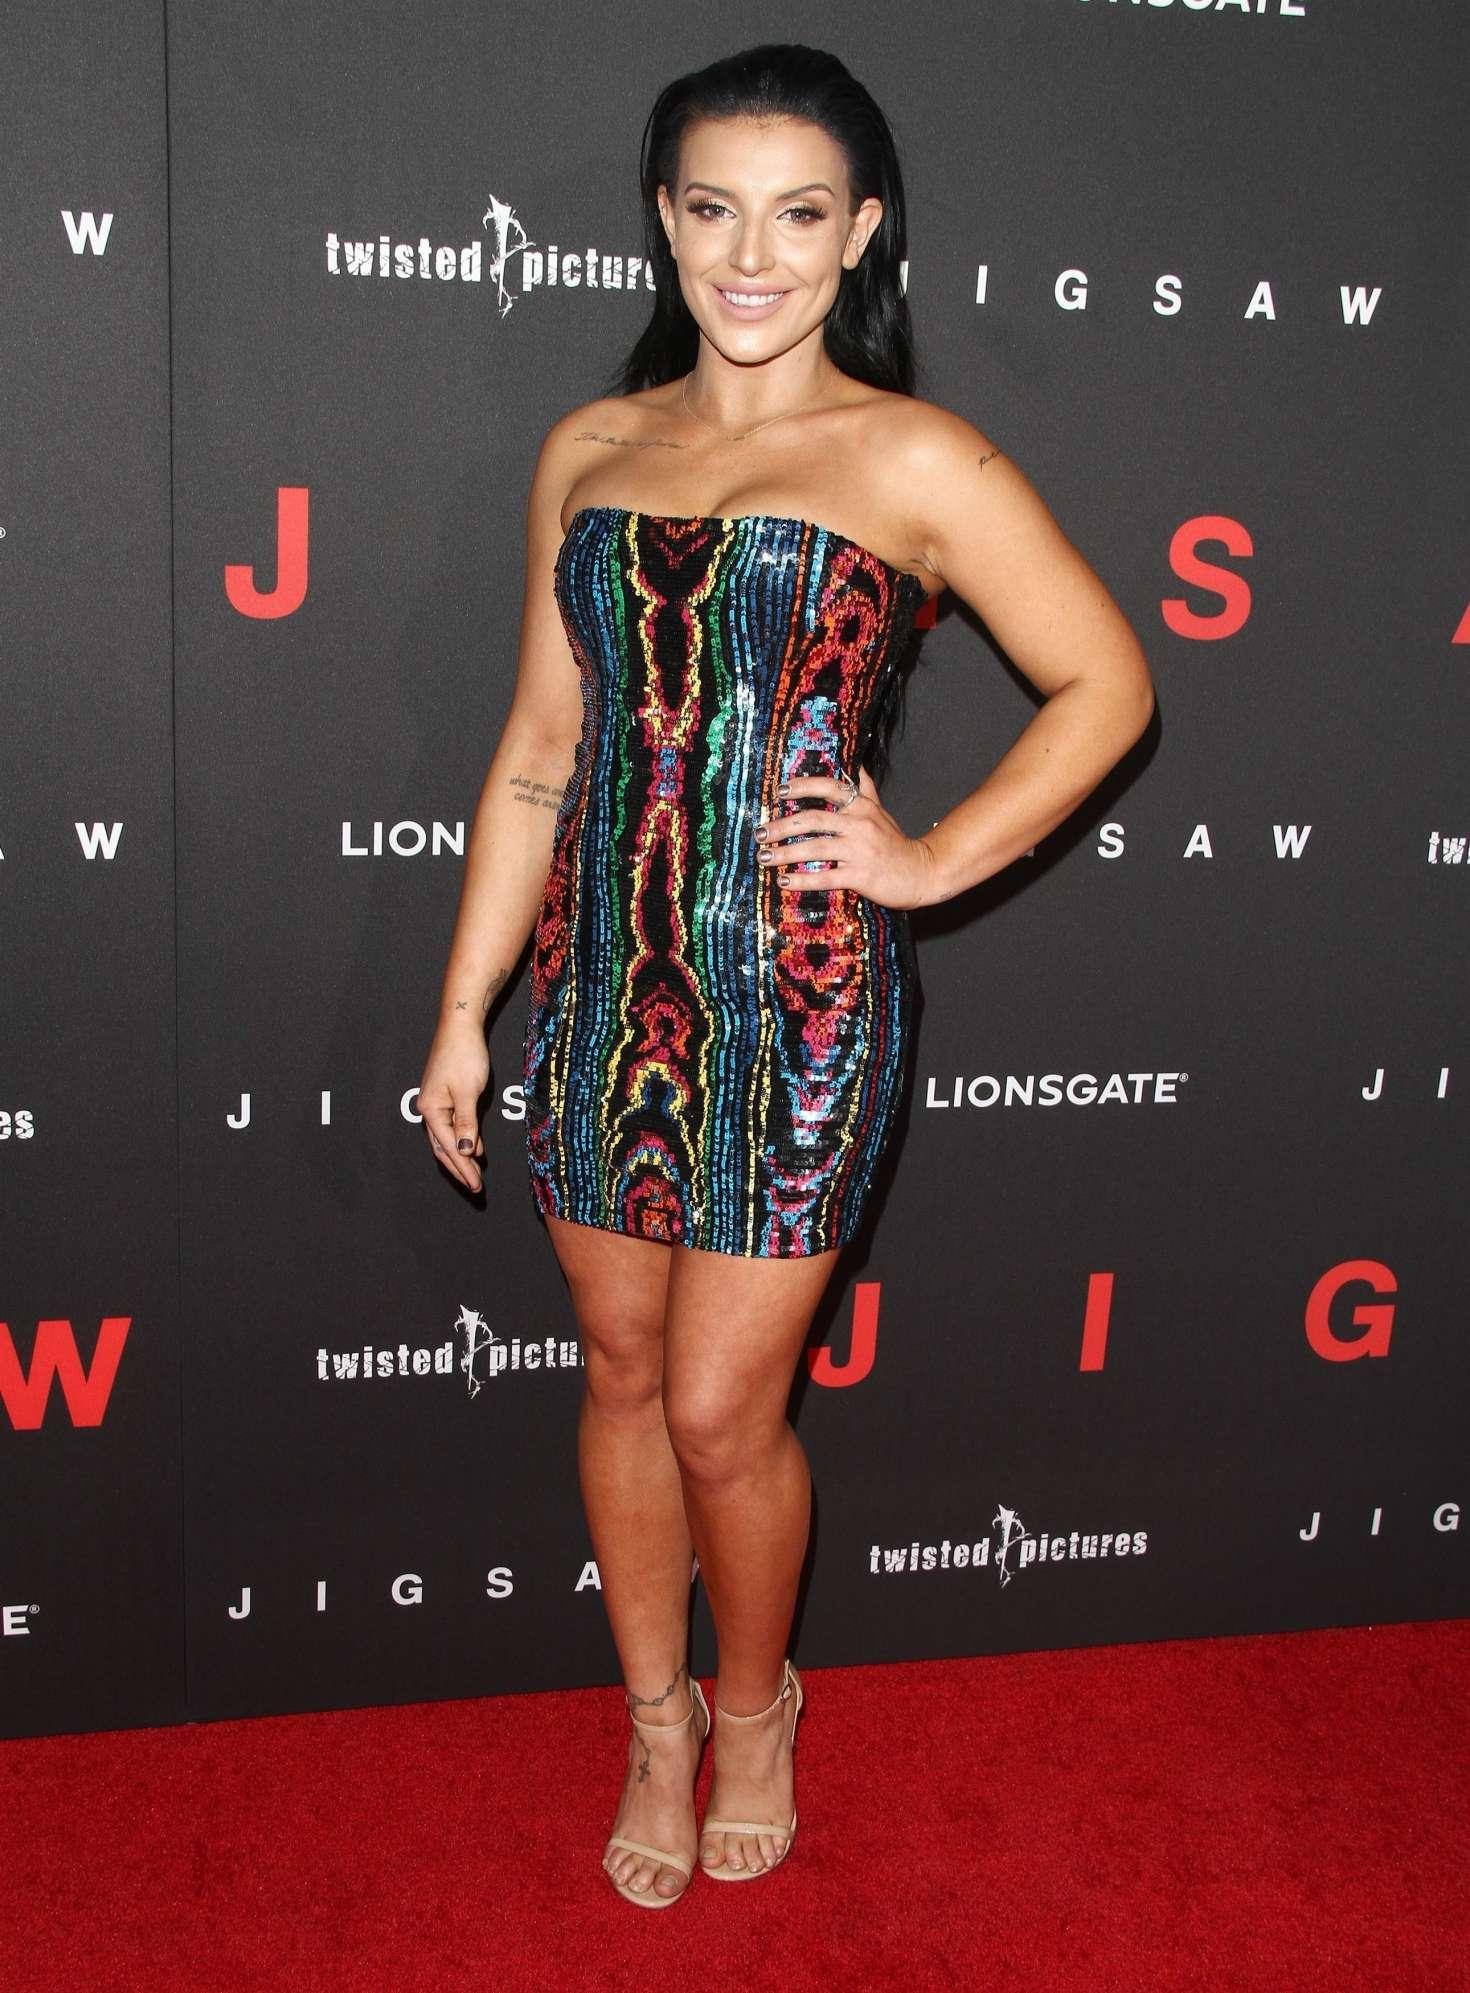 Hana Giraldo - 'Jigsaw' Premiere in Los Angeles